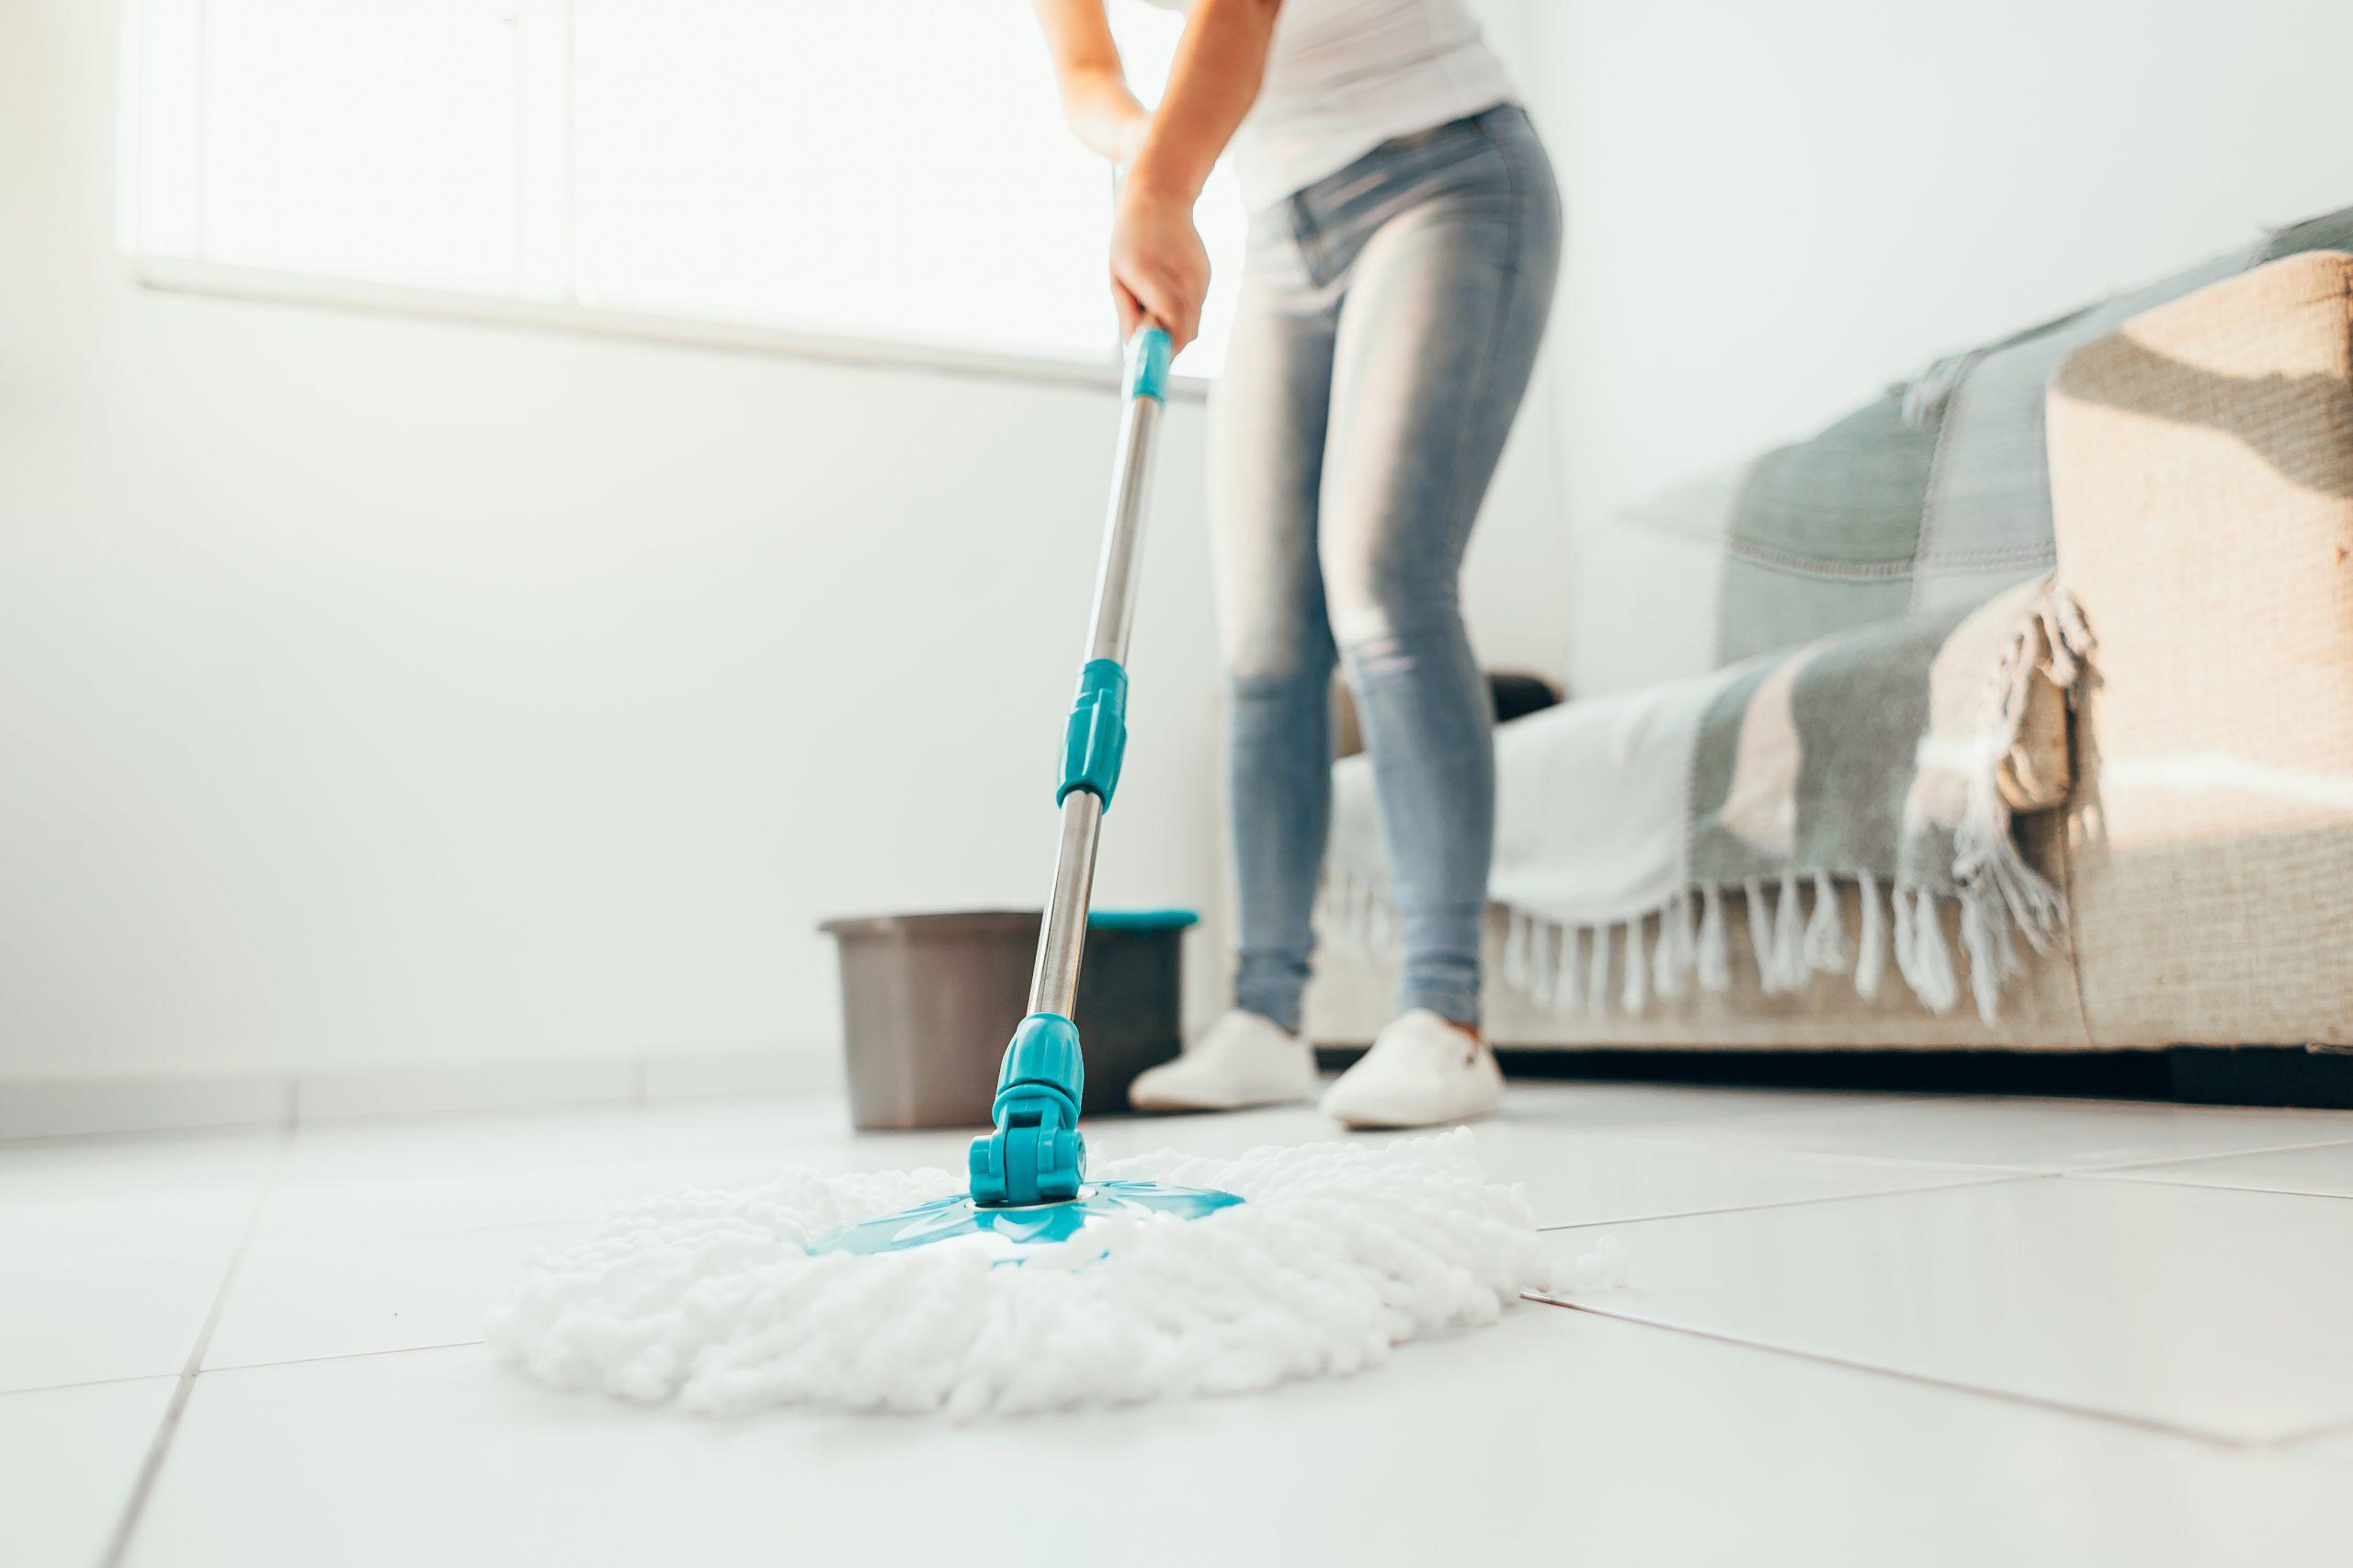 Jak myć podłogi w ekologiczny sposób?